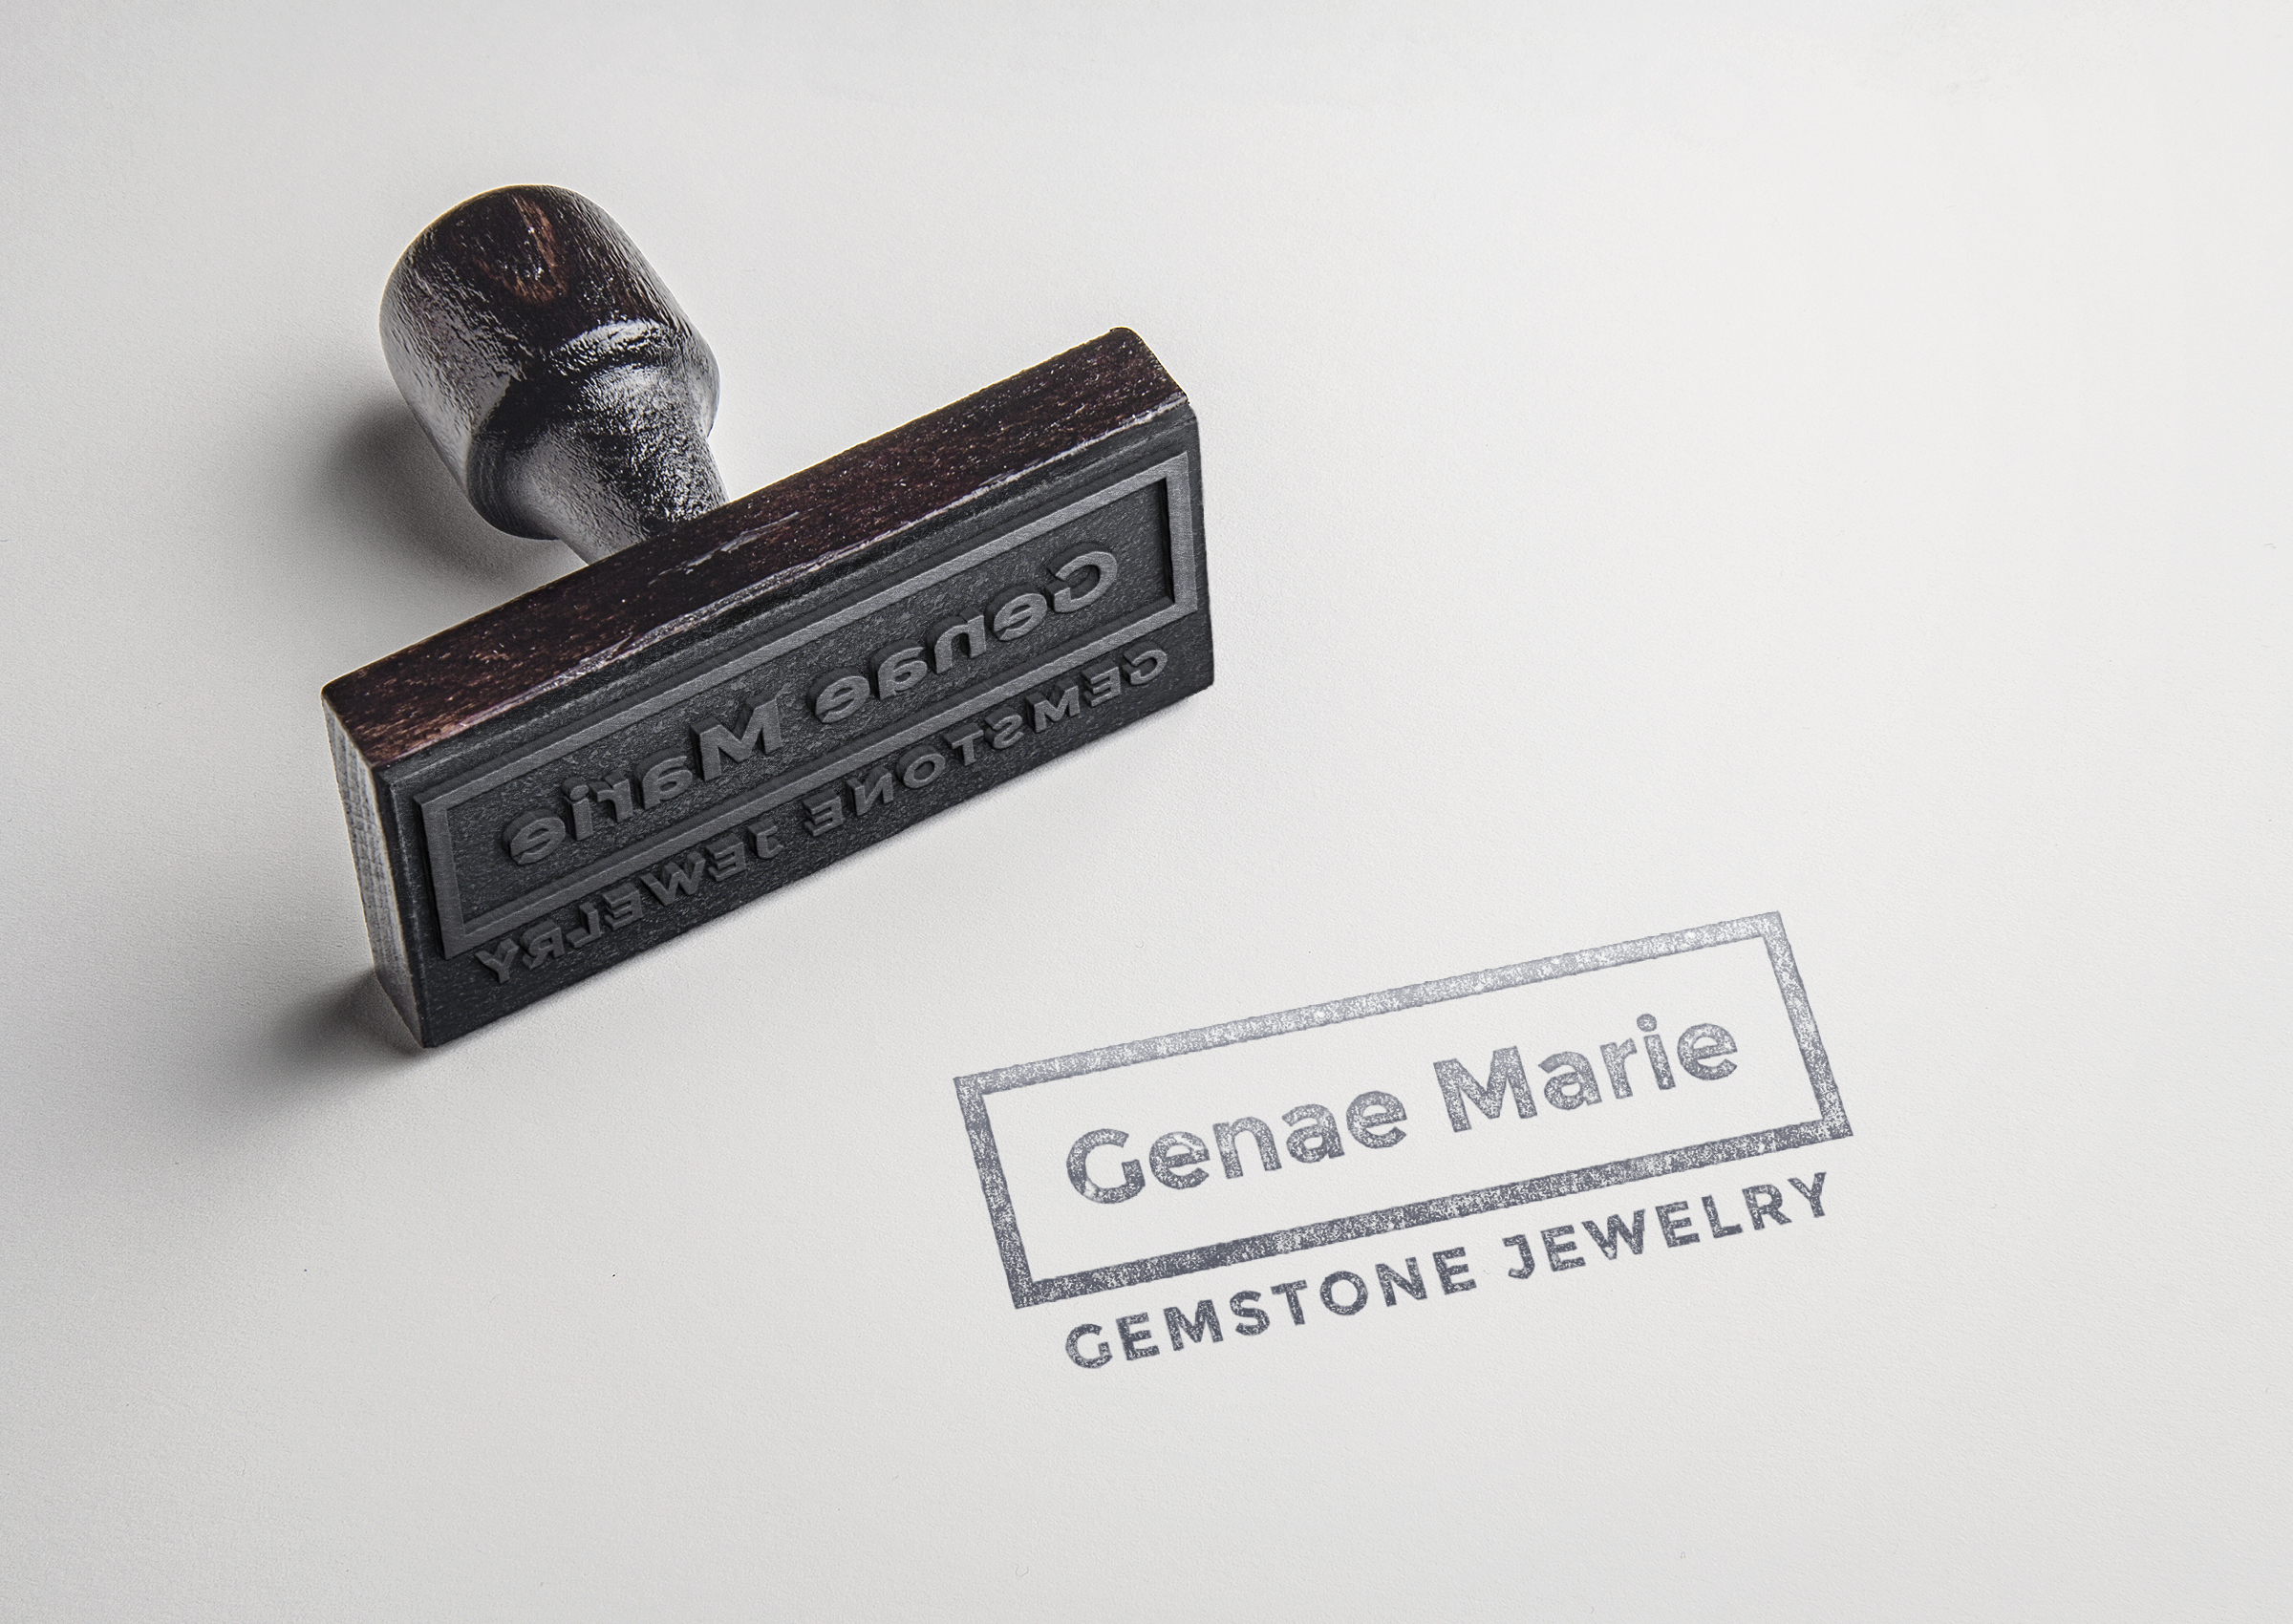 Genae Marie